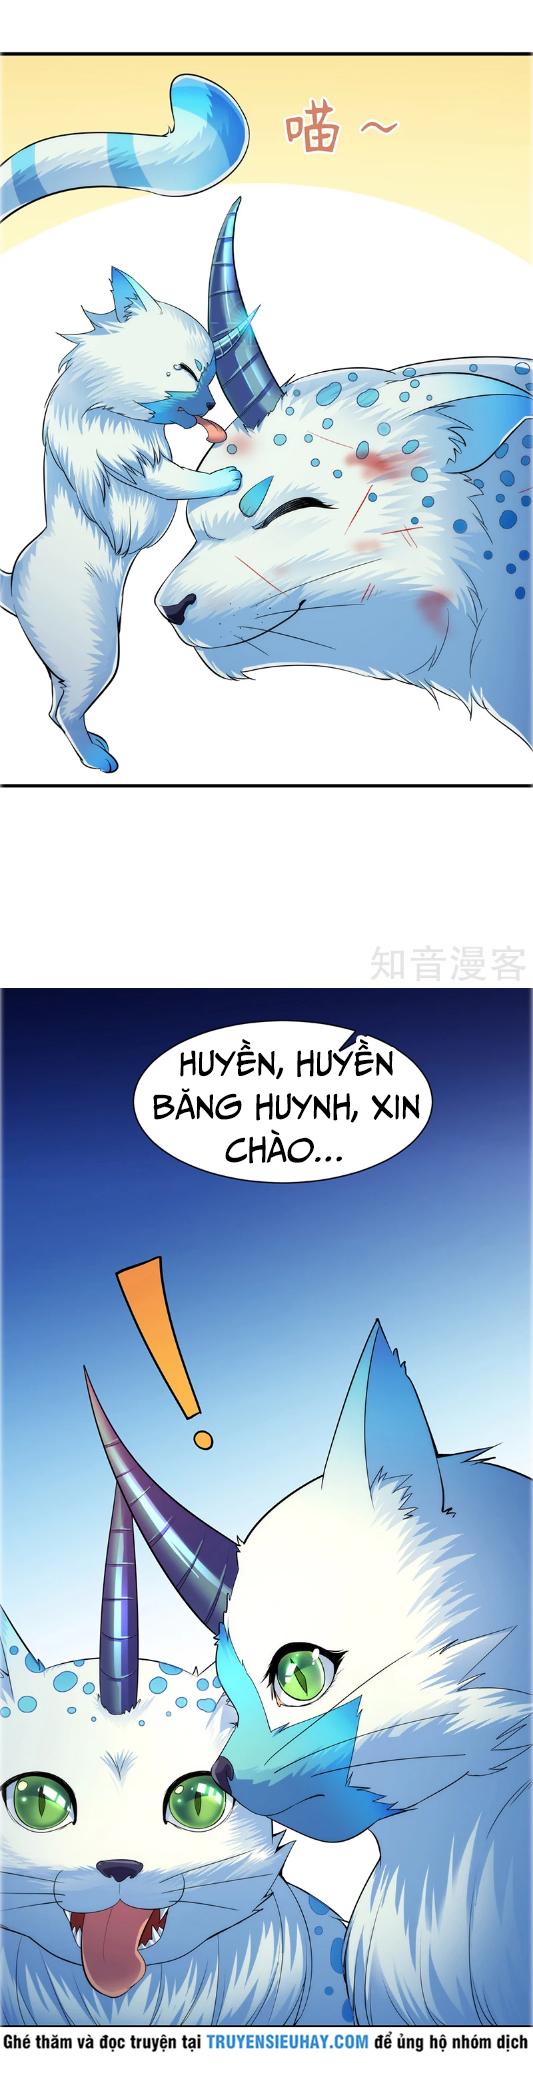 Võ Đạo Độc Tôn Chapter 68 video - Hamtruyen.vn